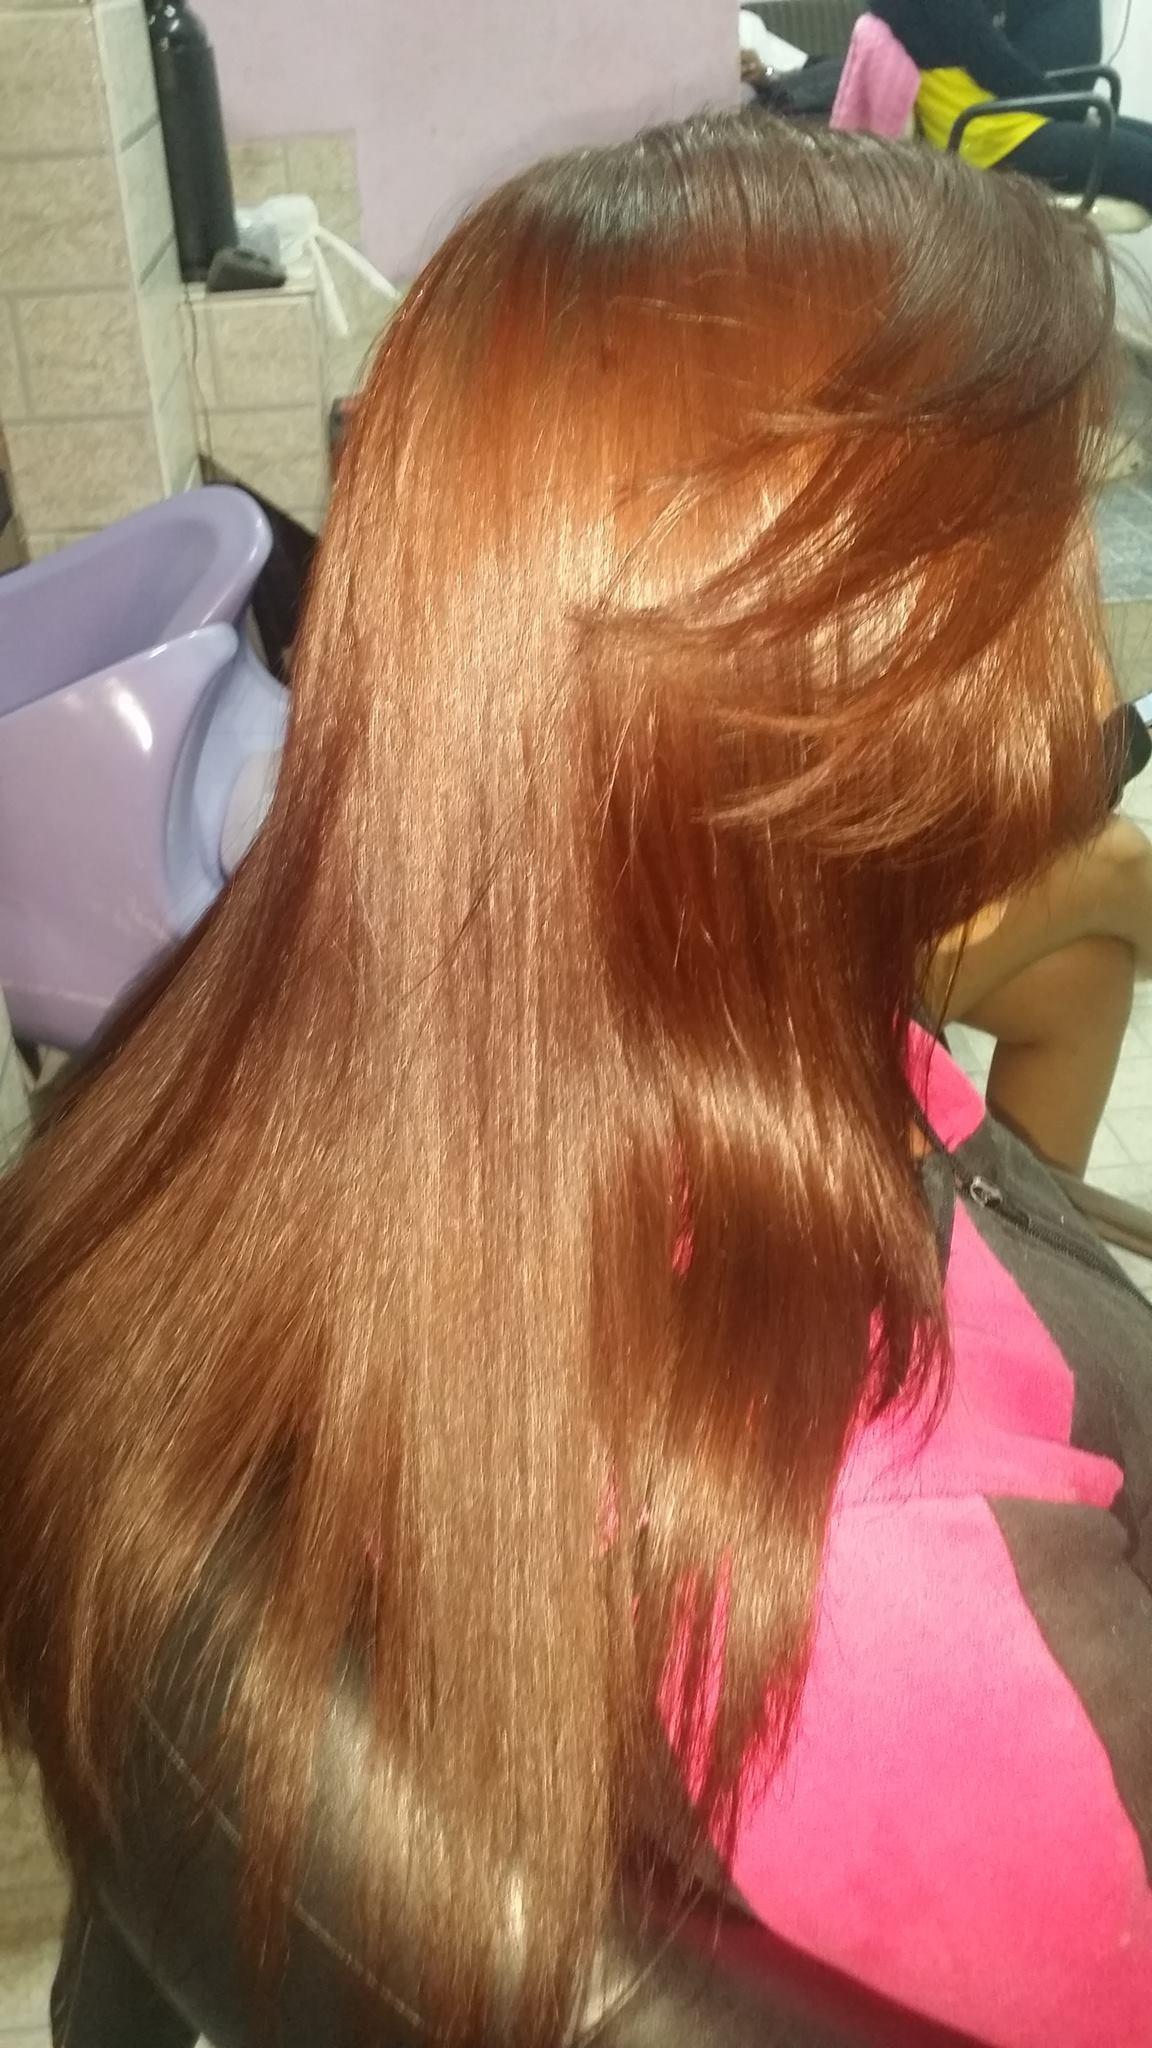 Progressiva  Cabelo foi higienizado, aplicado o Produto, pranchado, e lavado.  cabeleireiro(a)